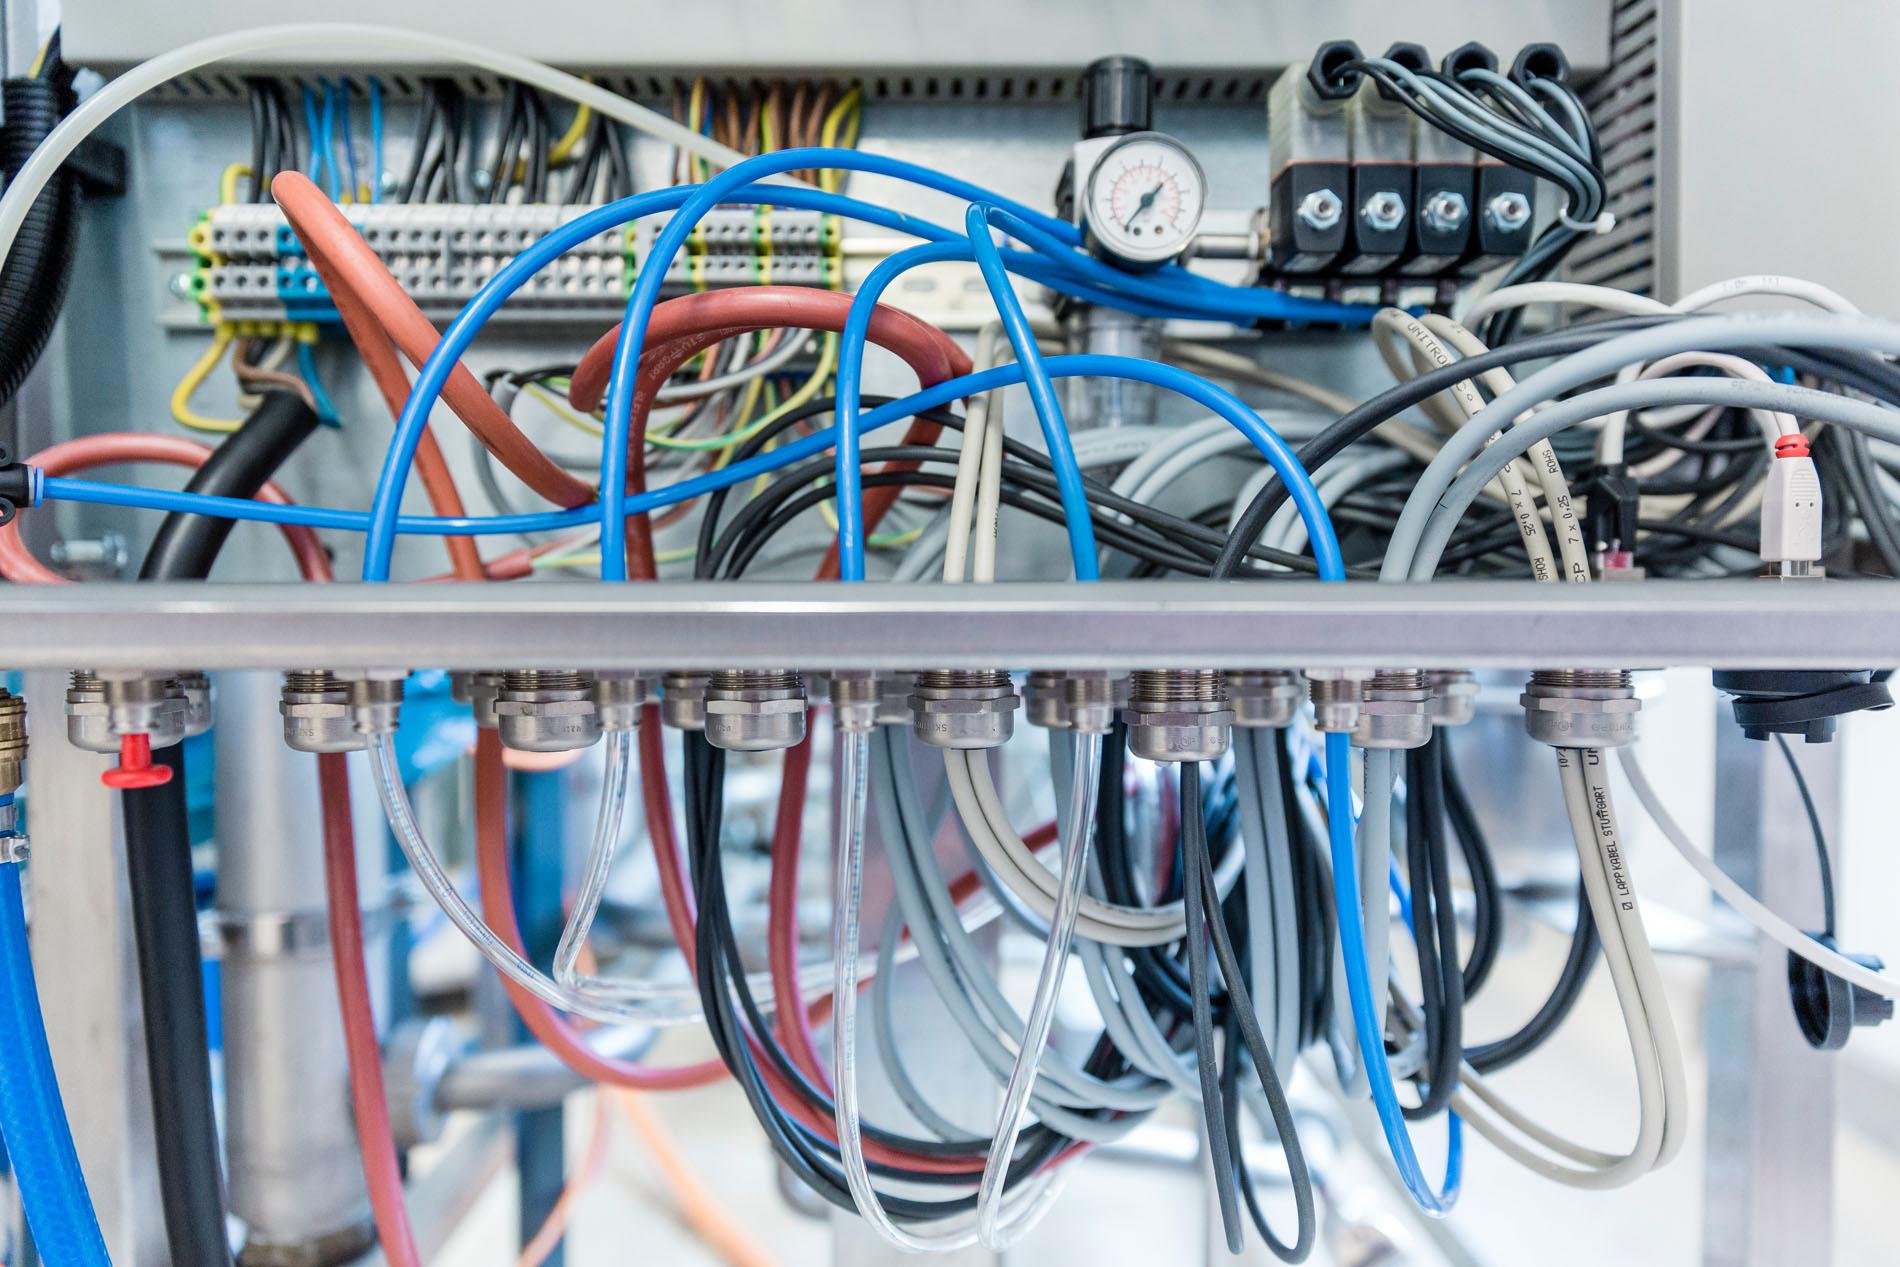 LAPP Cable World: Uni Freiburg